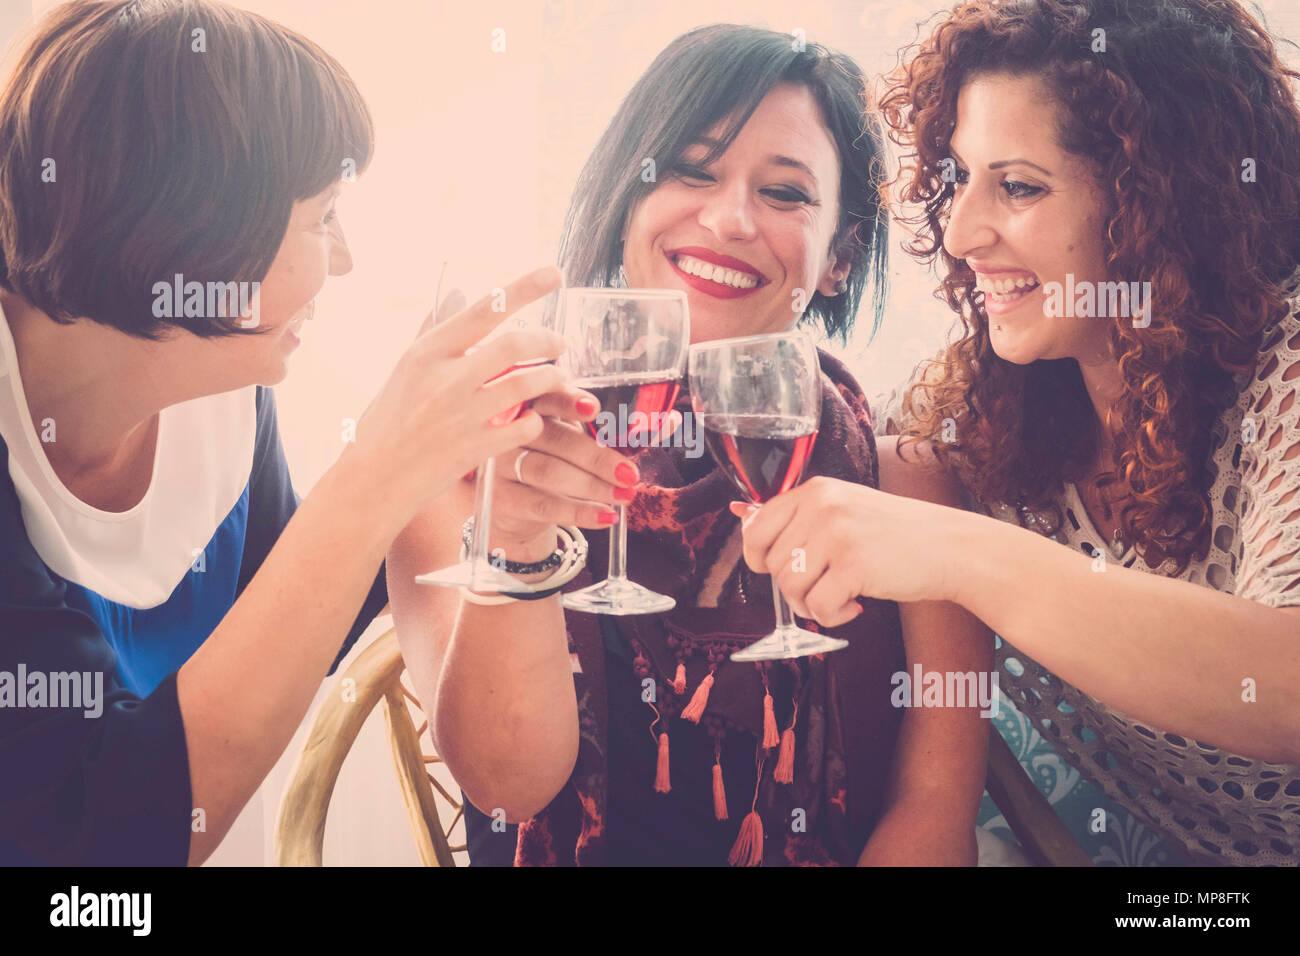 Gruppe von Menschen, die drei junge Frauen trinken Rotwein zu Hause ihre Freundschaft zu feiern. Viel Spaß und Smilies für einen Tag der Partei Stockbild